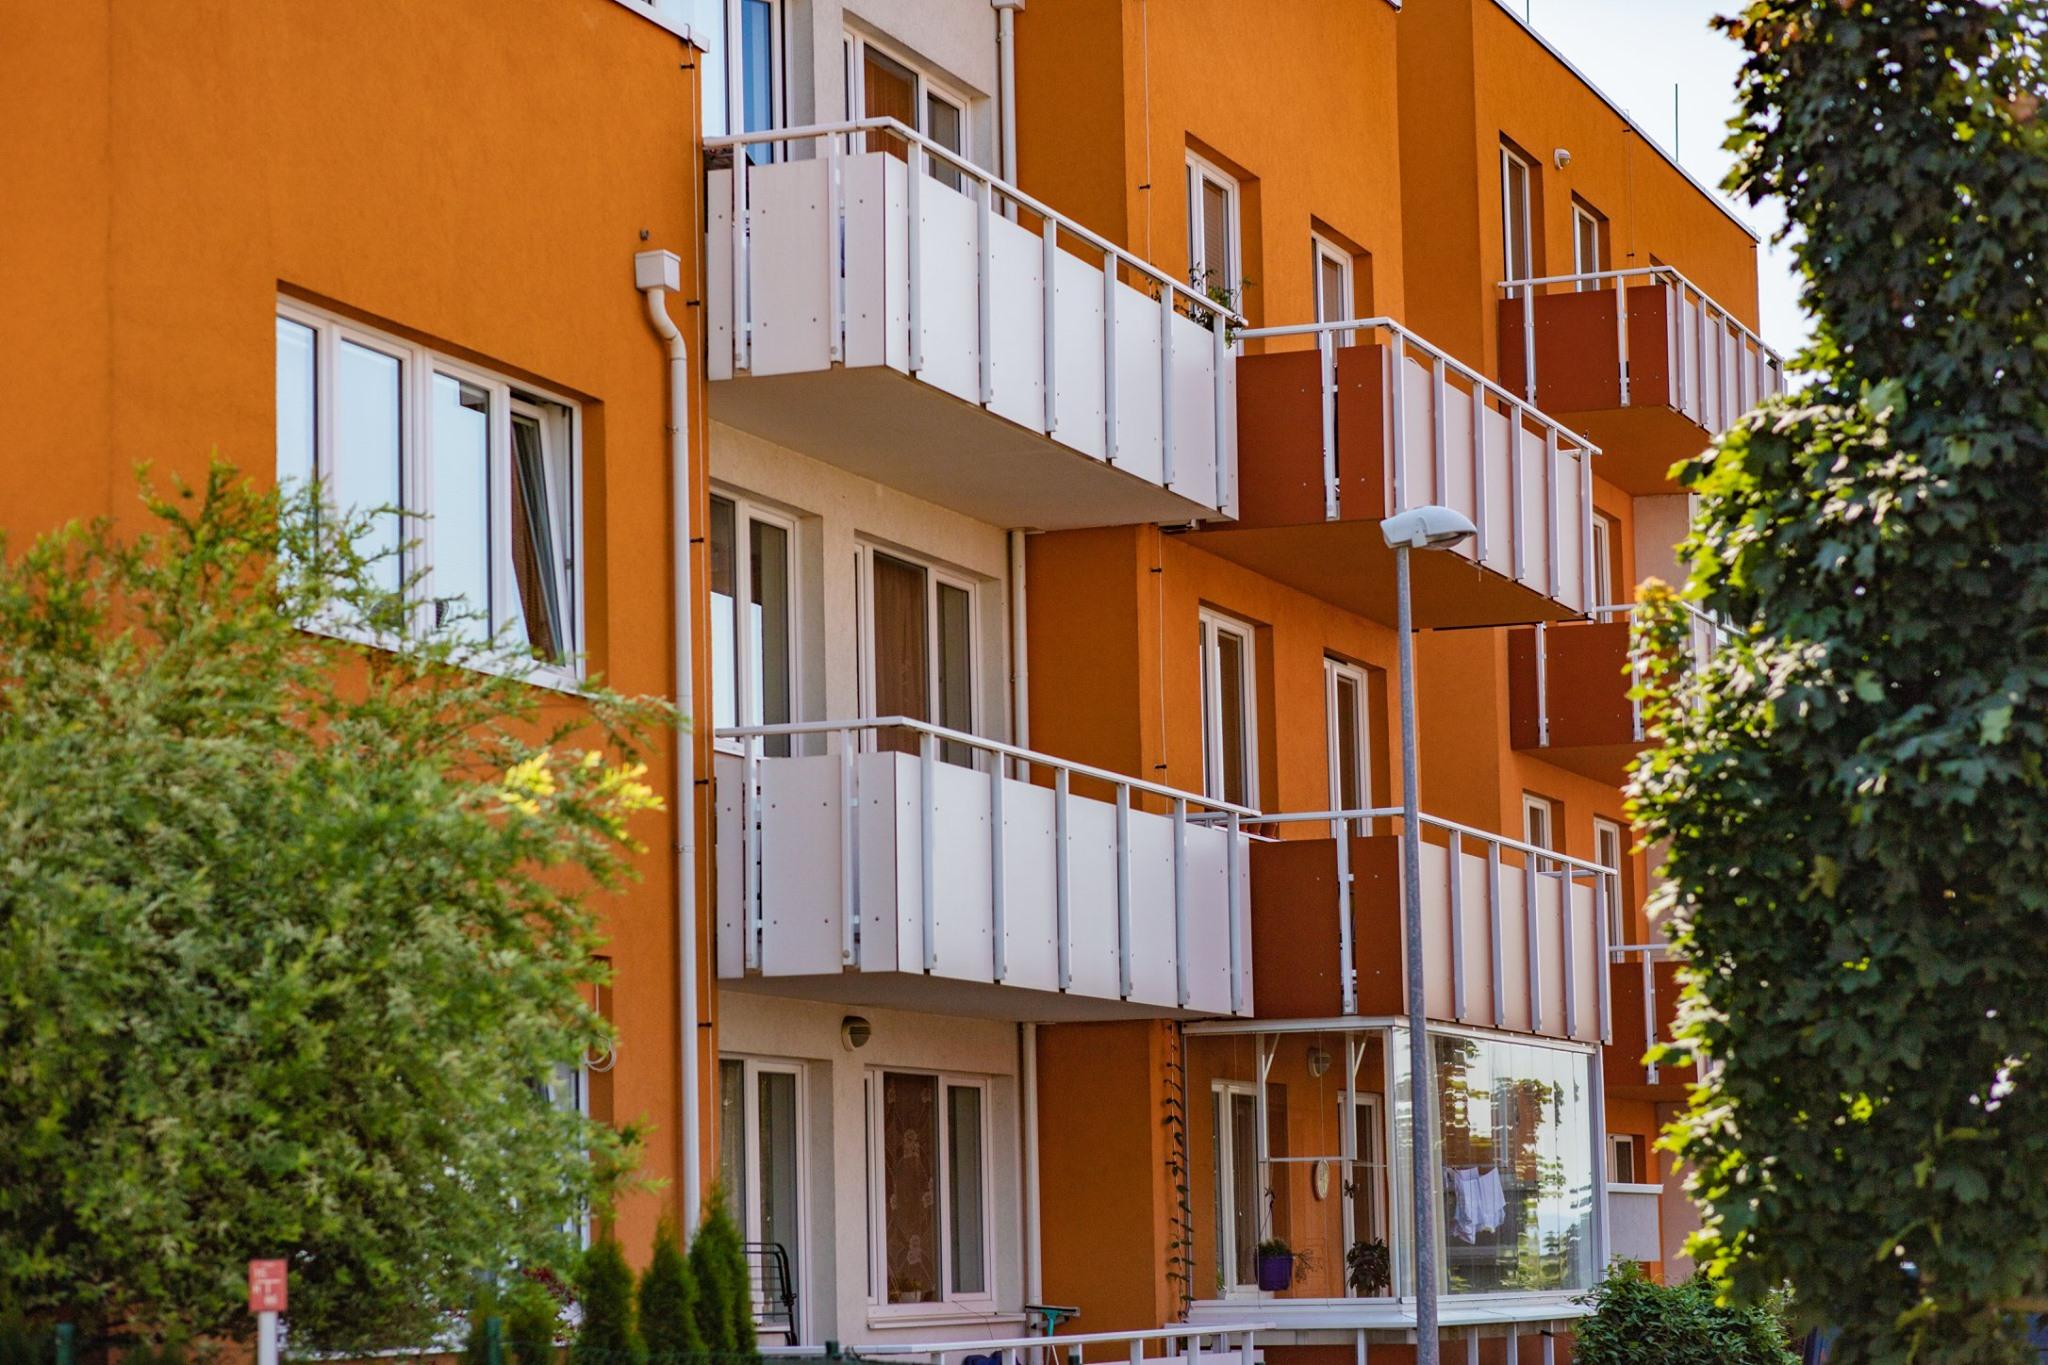 Nedostatek bytů trápí nejen Prahu, ale i ostatní světové metropole (Bytová politika, XII.)